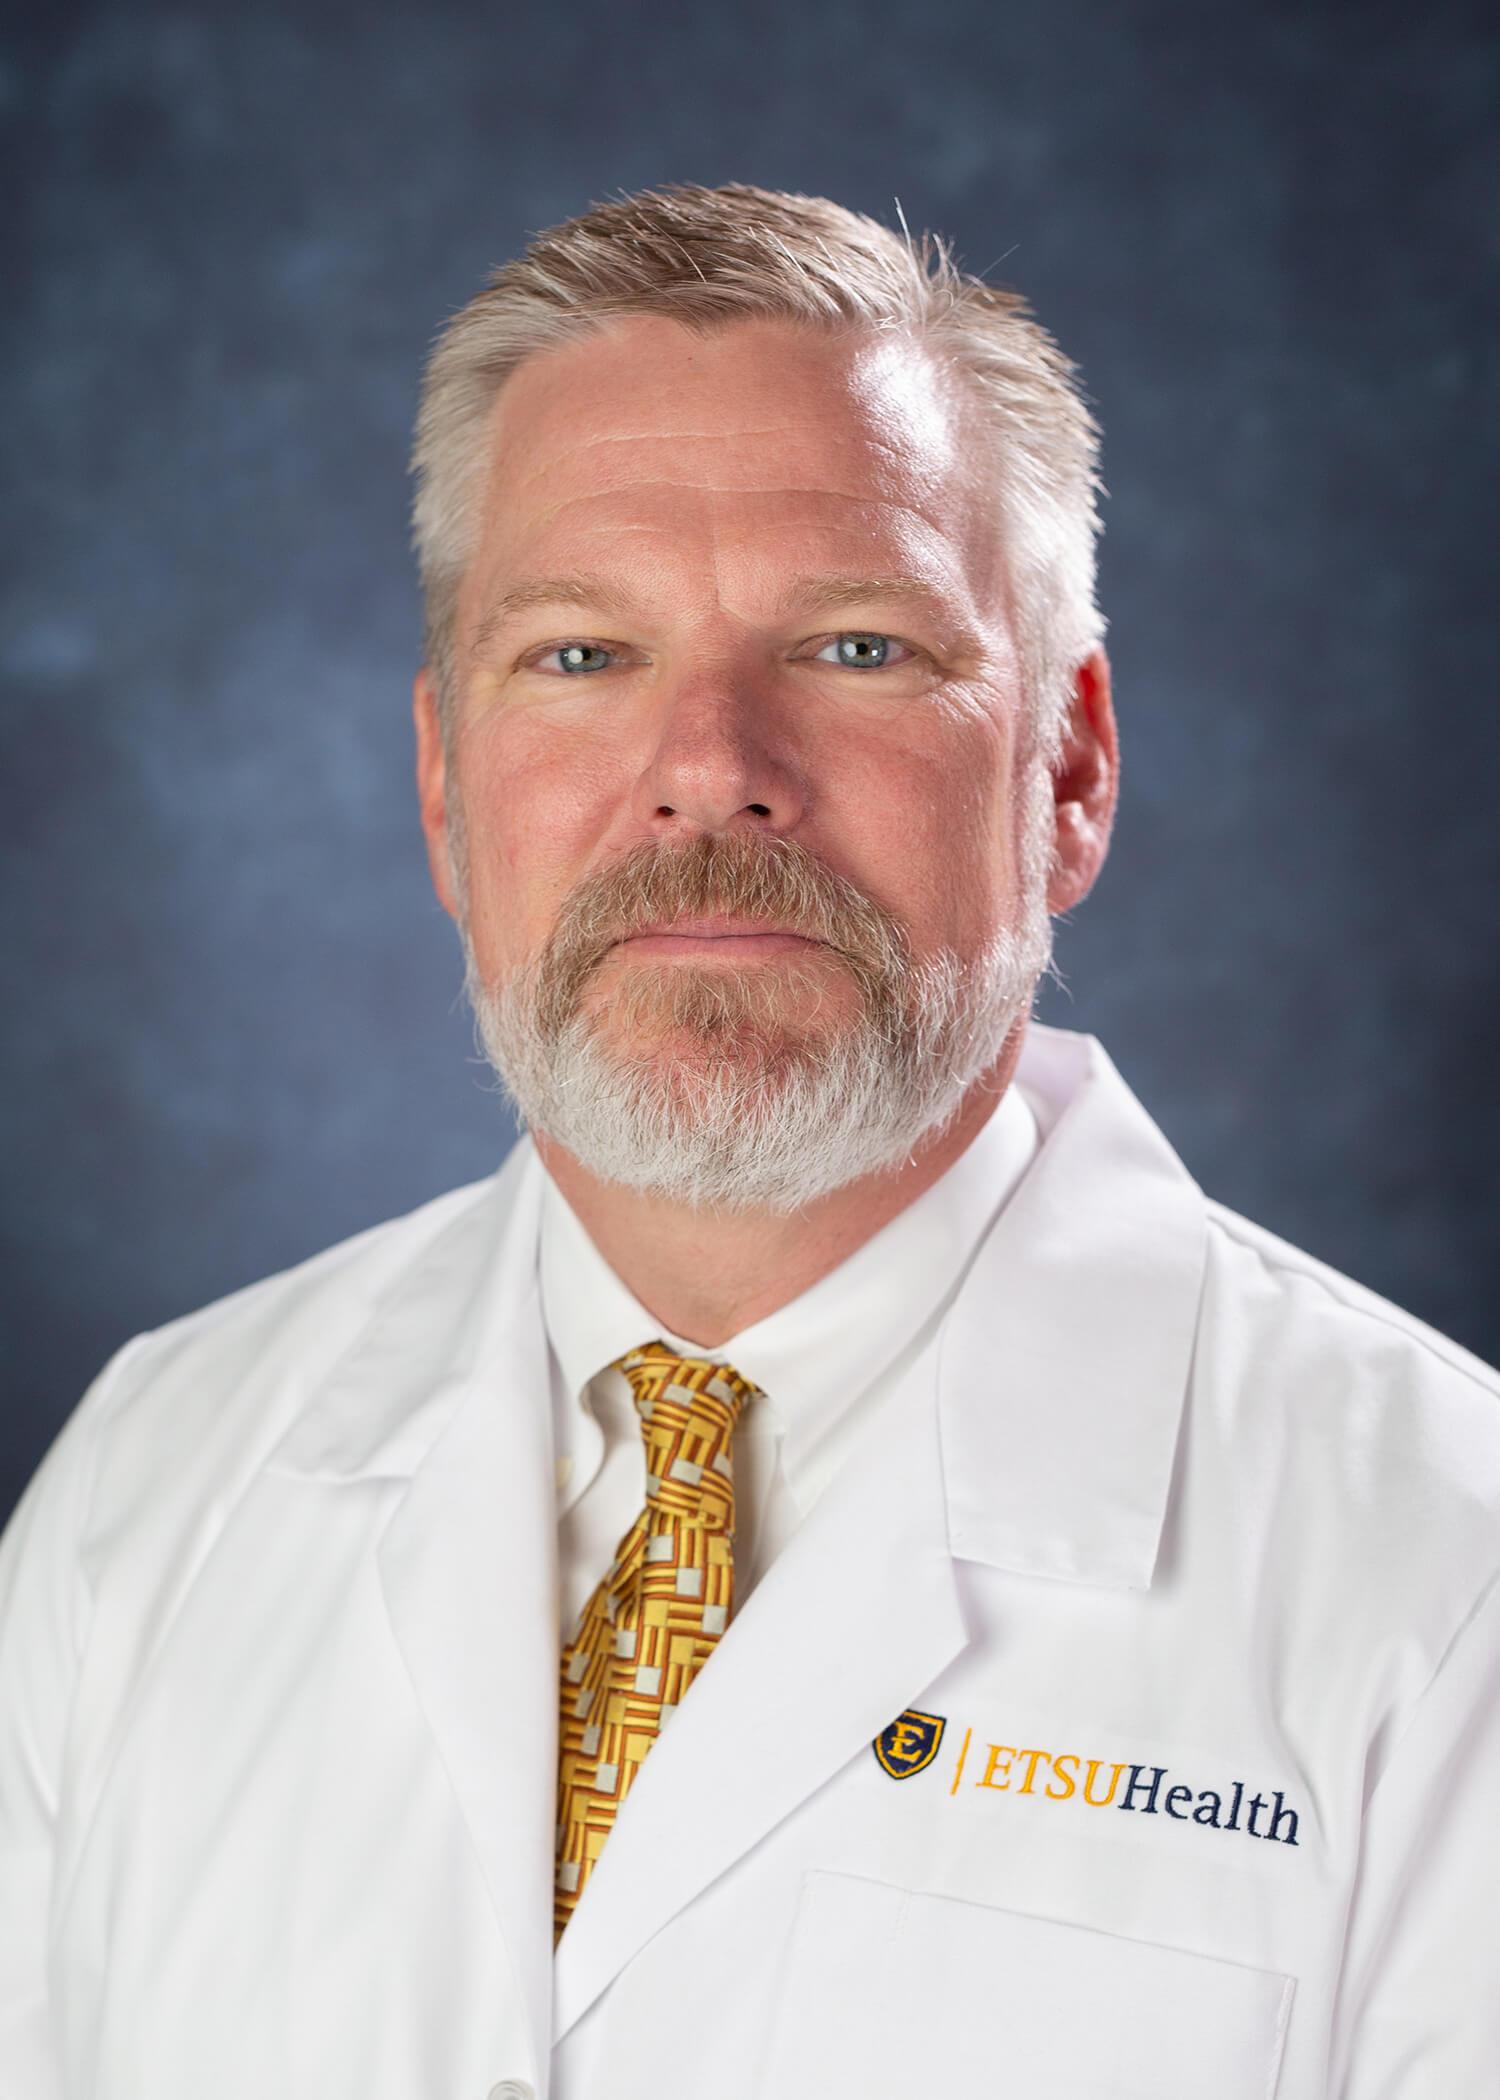 Photo of William Block, Jr., M.D.